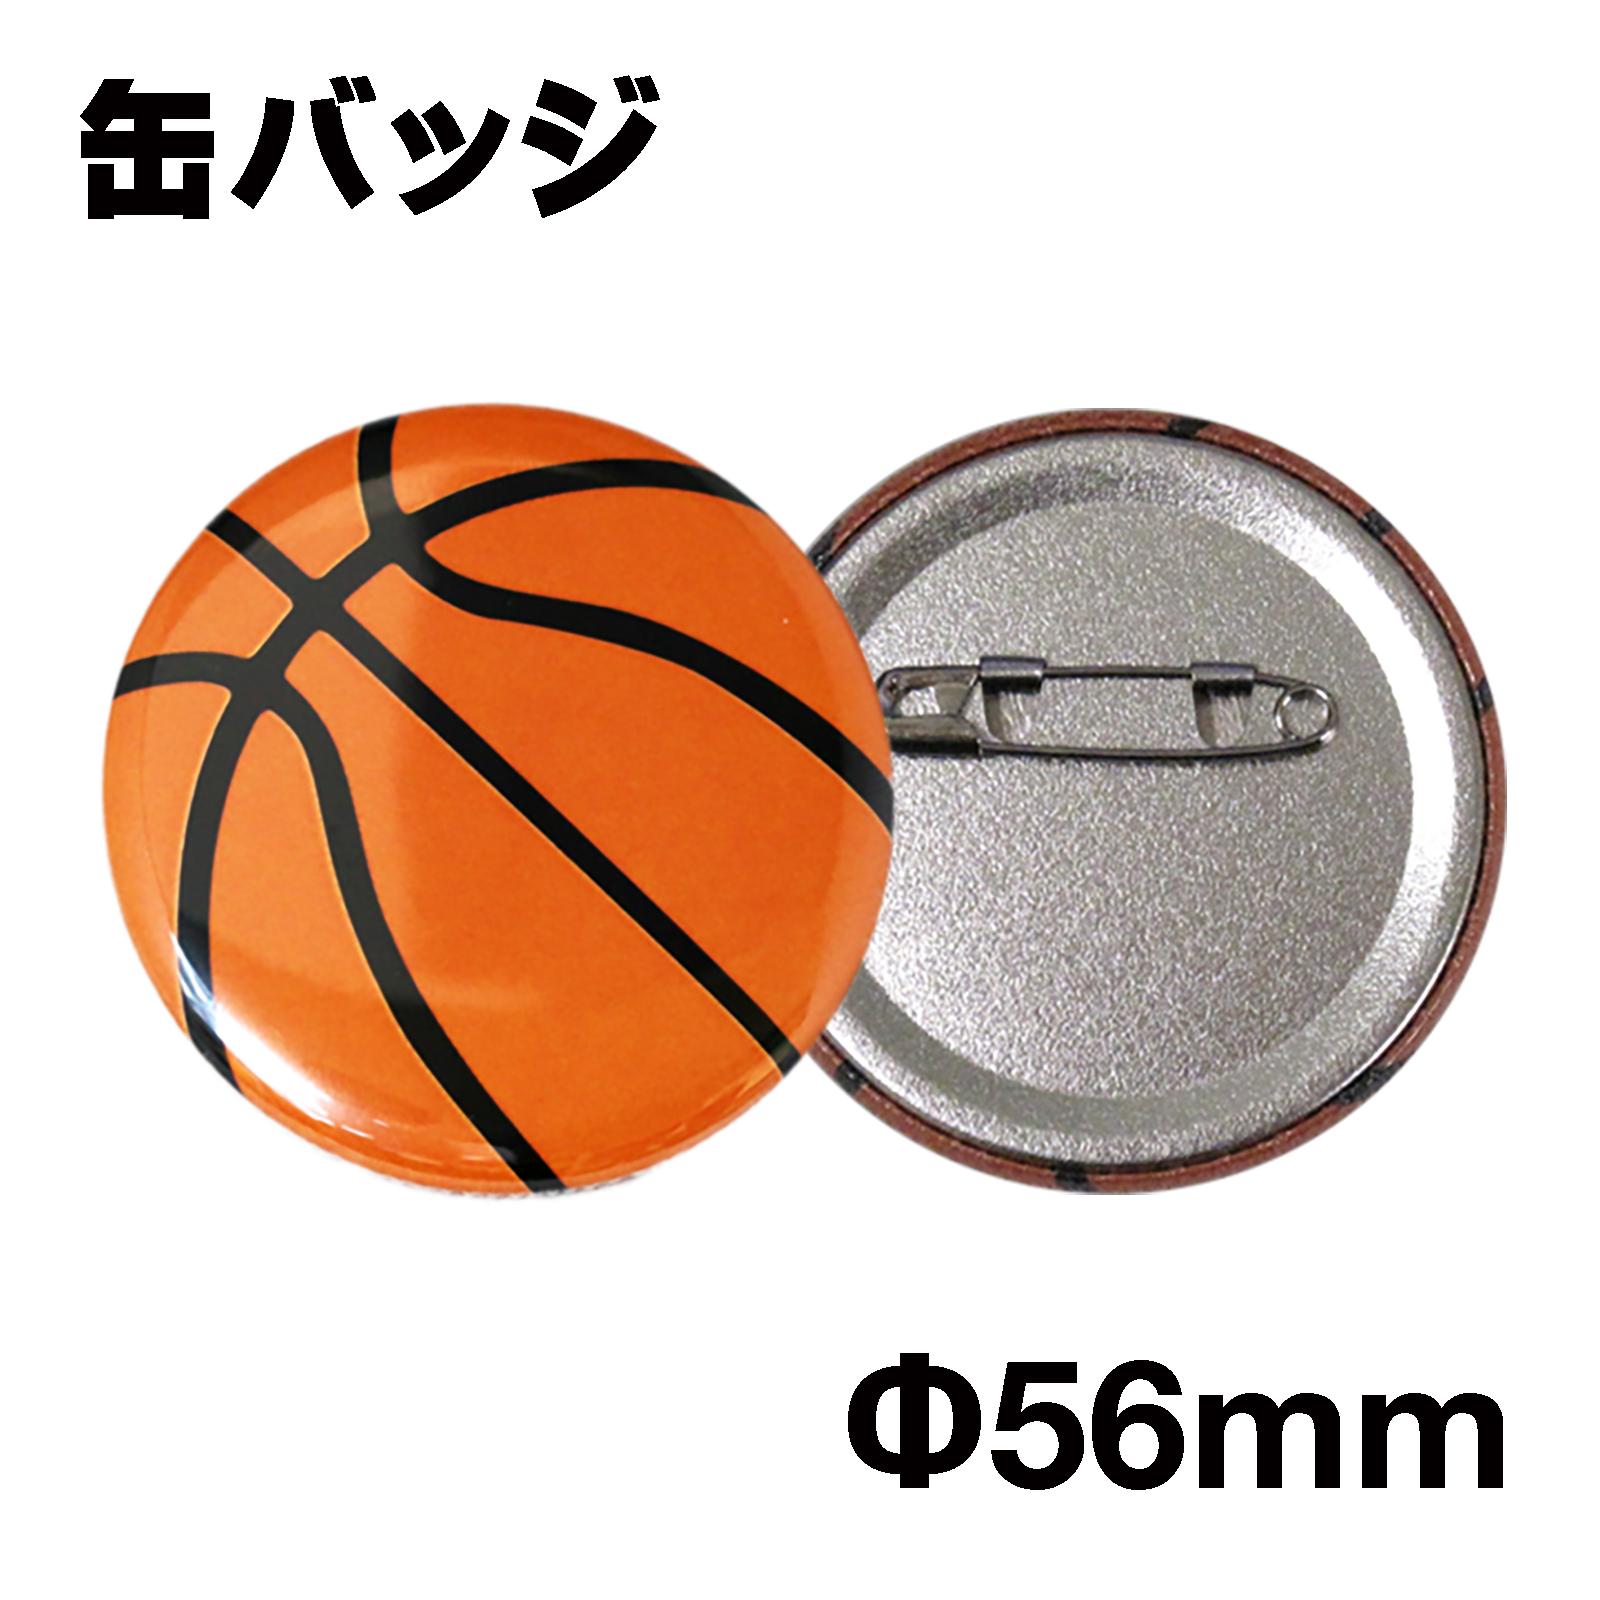 缶バッチ(バスケットボール柄) 仕様・サイズ